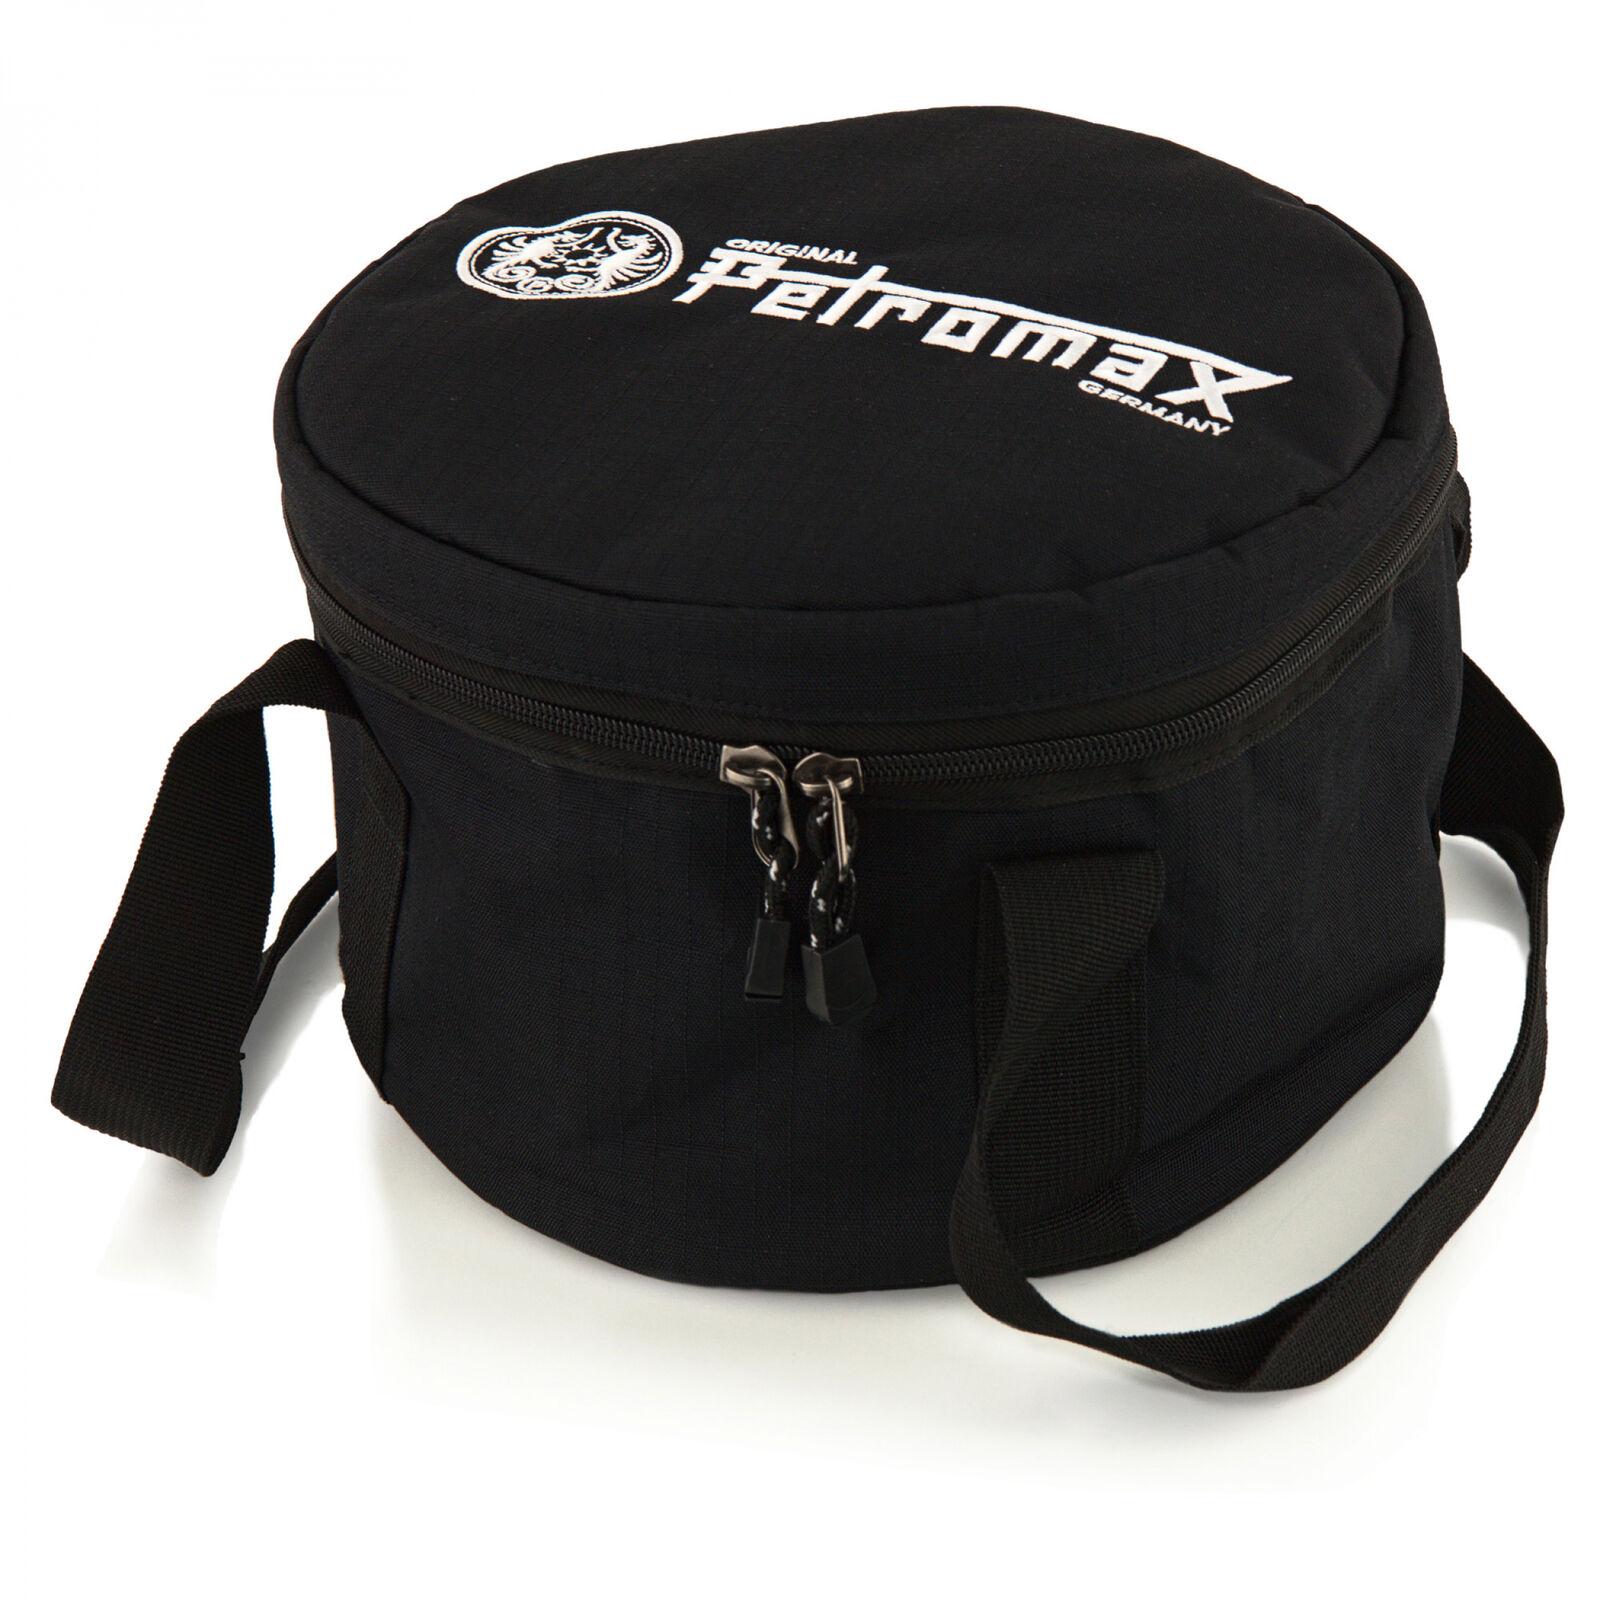 Petromax Feuergrill Transporttasche für Feuertopf für ft12, ft18, Feuergrill Petromax tg3 & Atago bbd54c